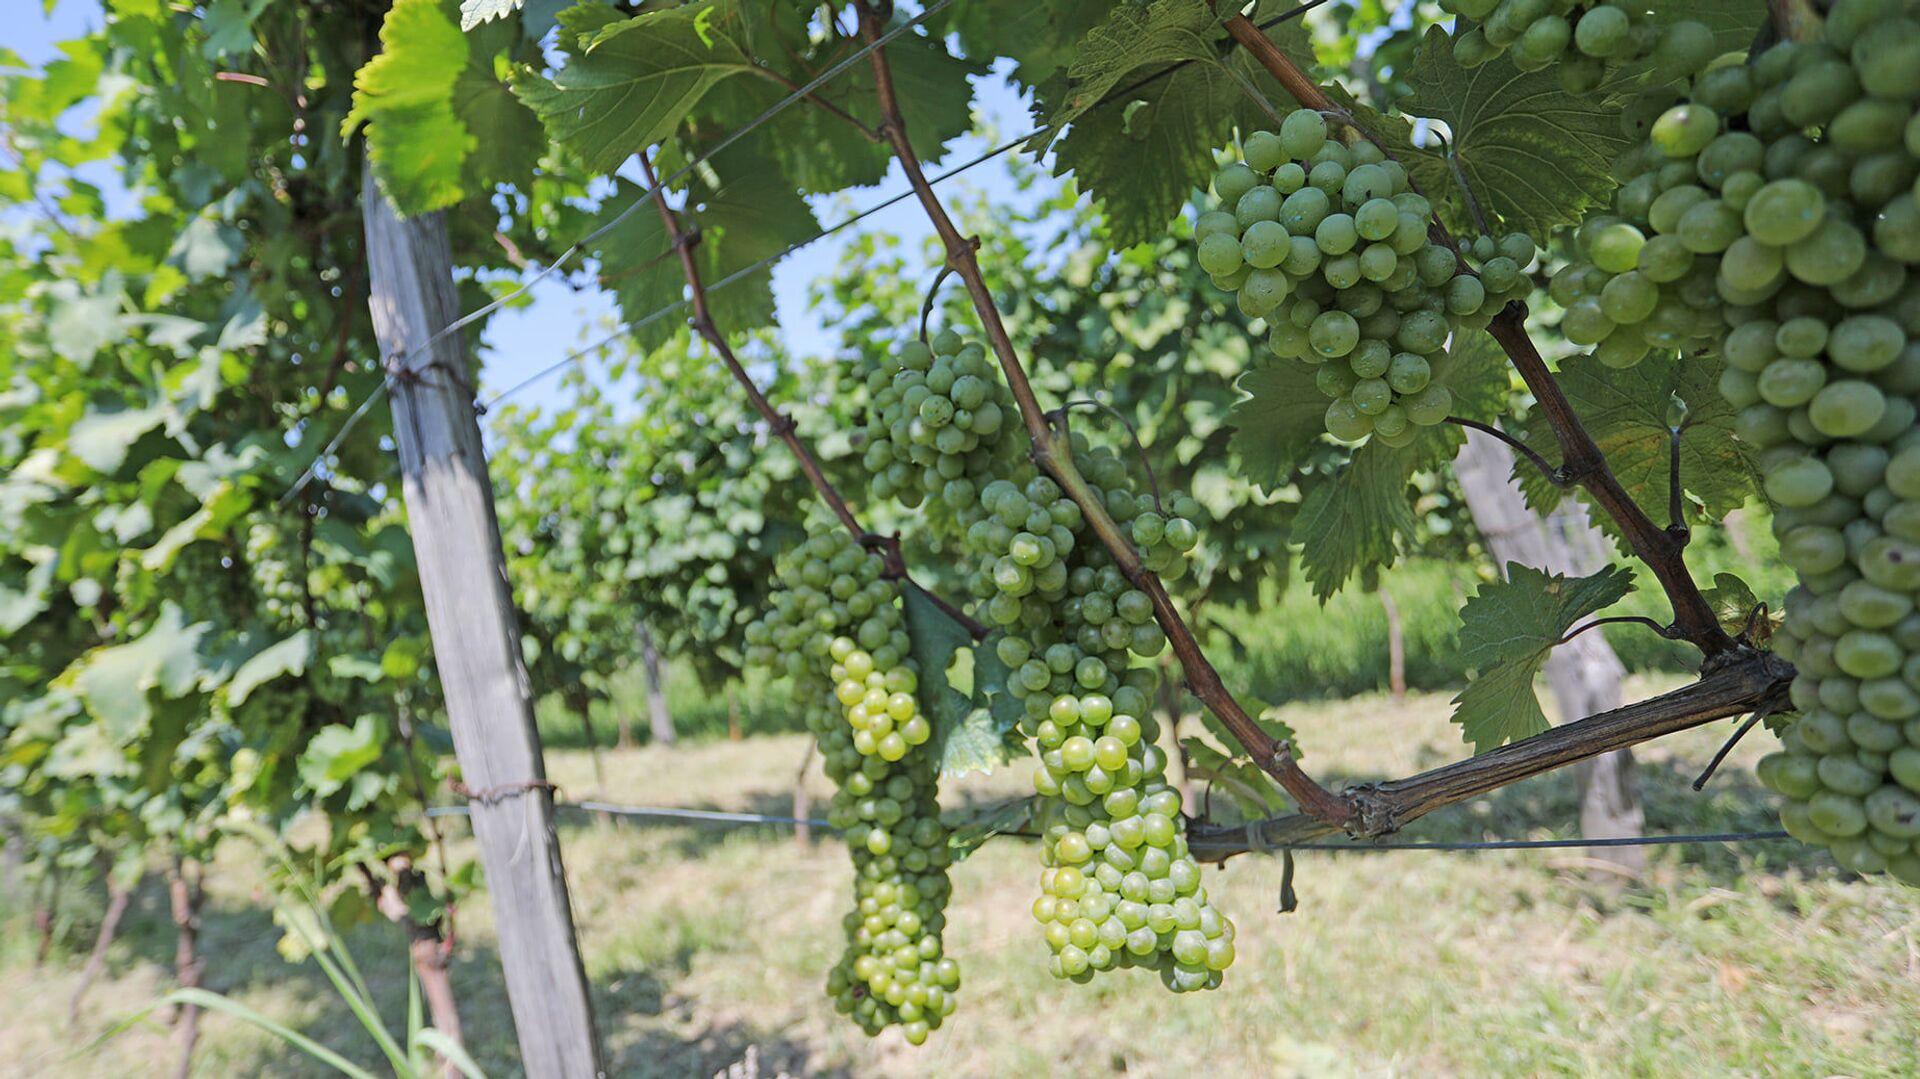 Виноградник на предприятии по производству биовина в селе Руиспири, Ахметского района - Sputnik Грузия, 1920, 09.09.2021